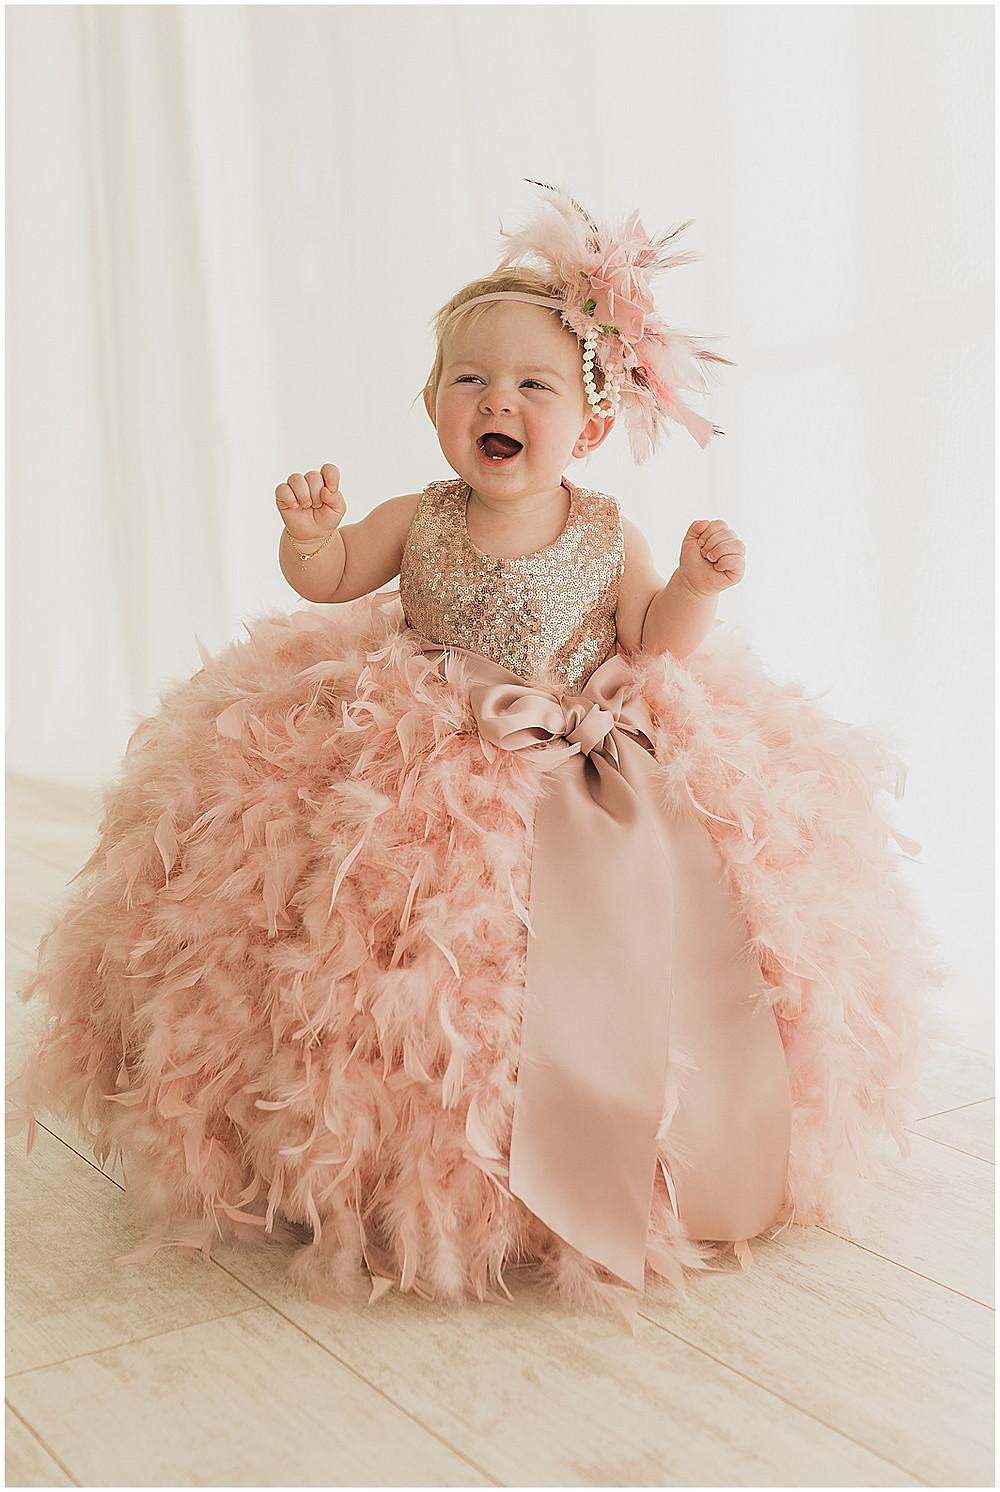 Zulette Couture Dress, Photographer, Natural Light, Studio, Kids